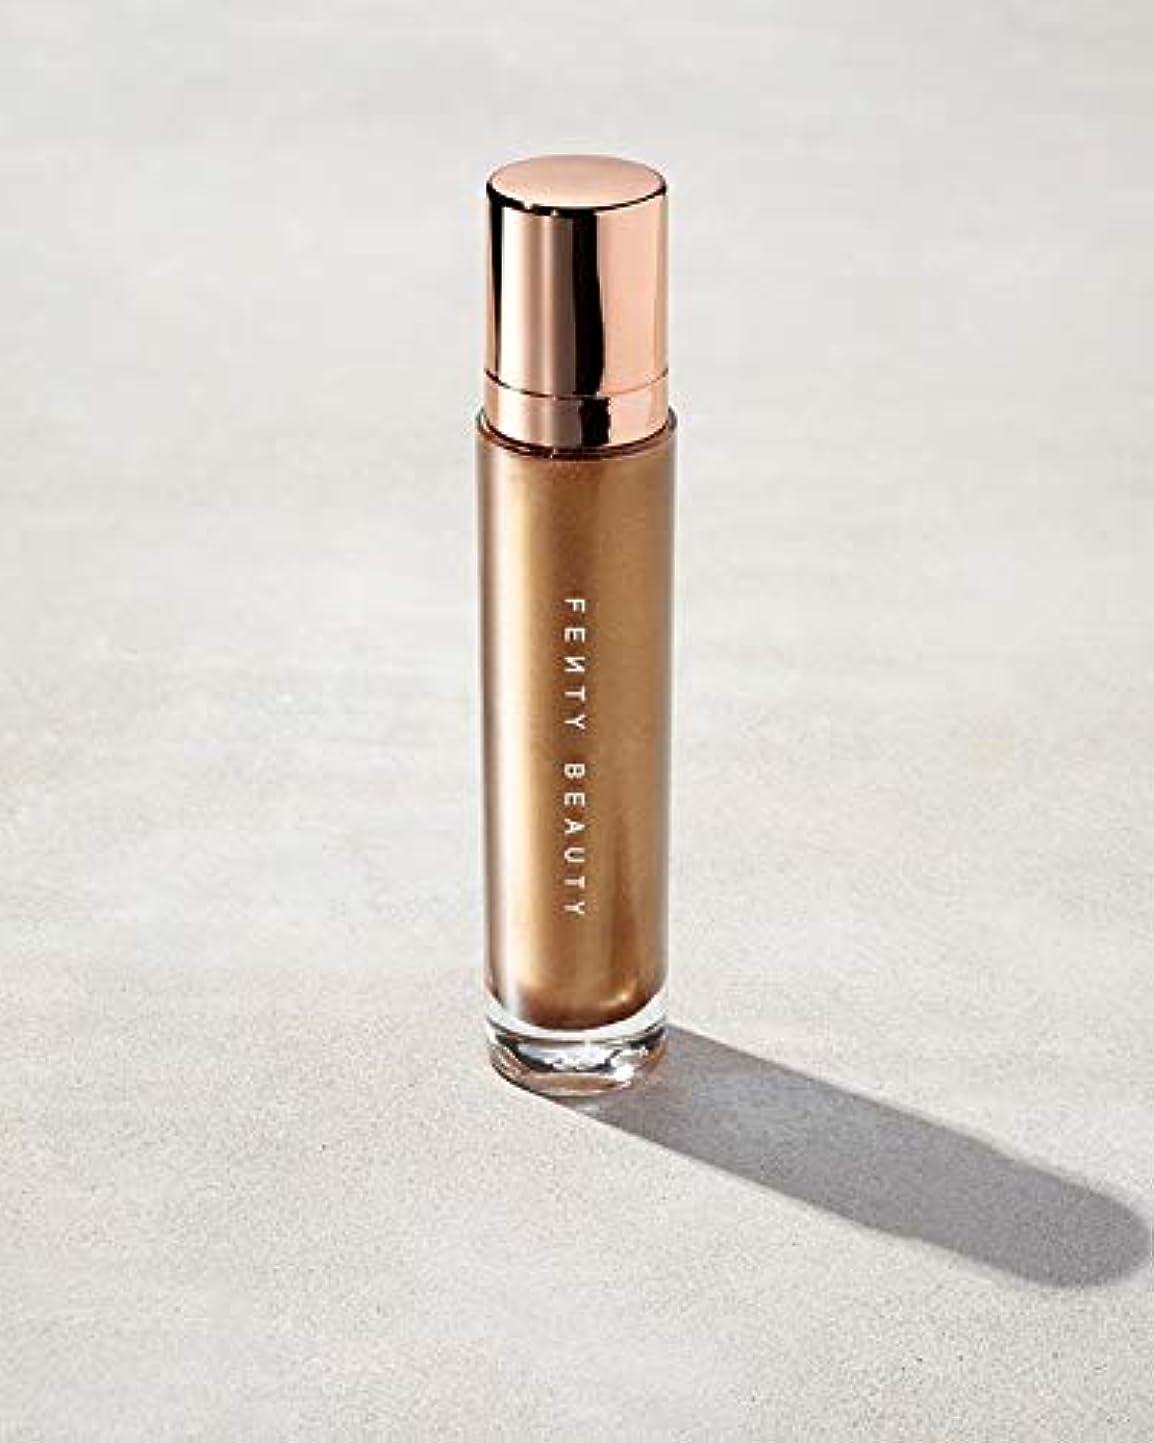 いとこバルク思い出させるFENTY BEAUTY Body Lava Body Luminizer Trophy Wife - lustrous hyper-metallic gold